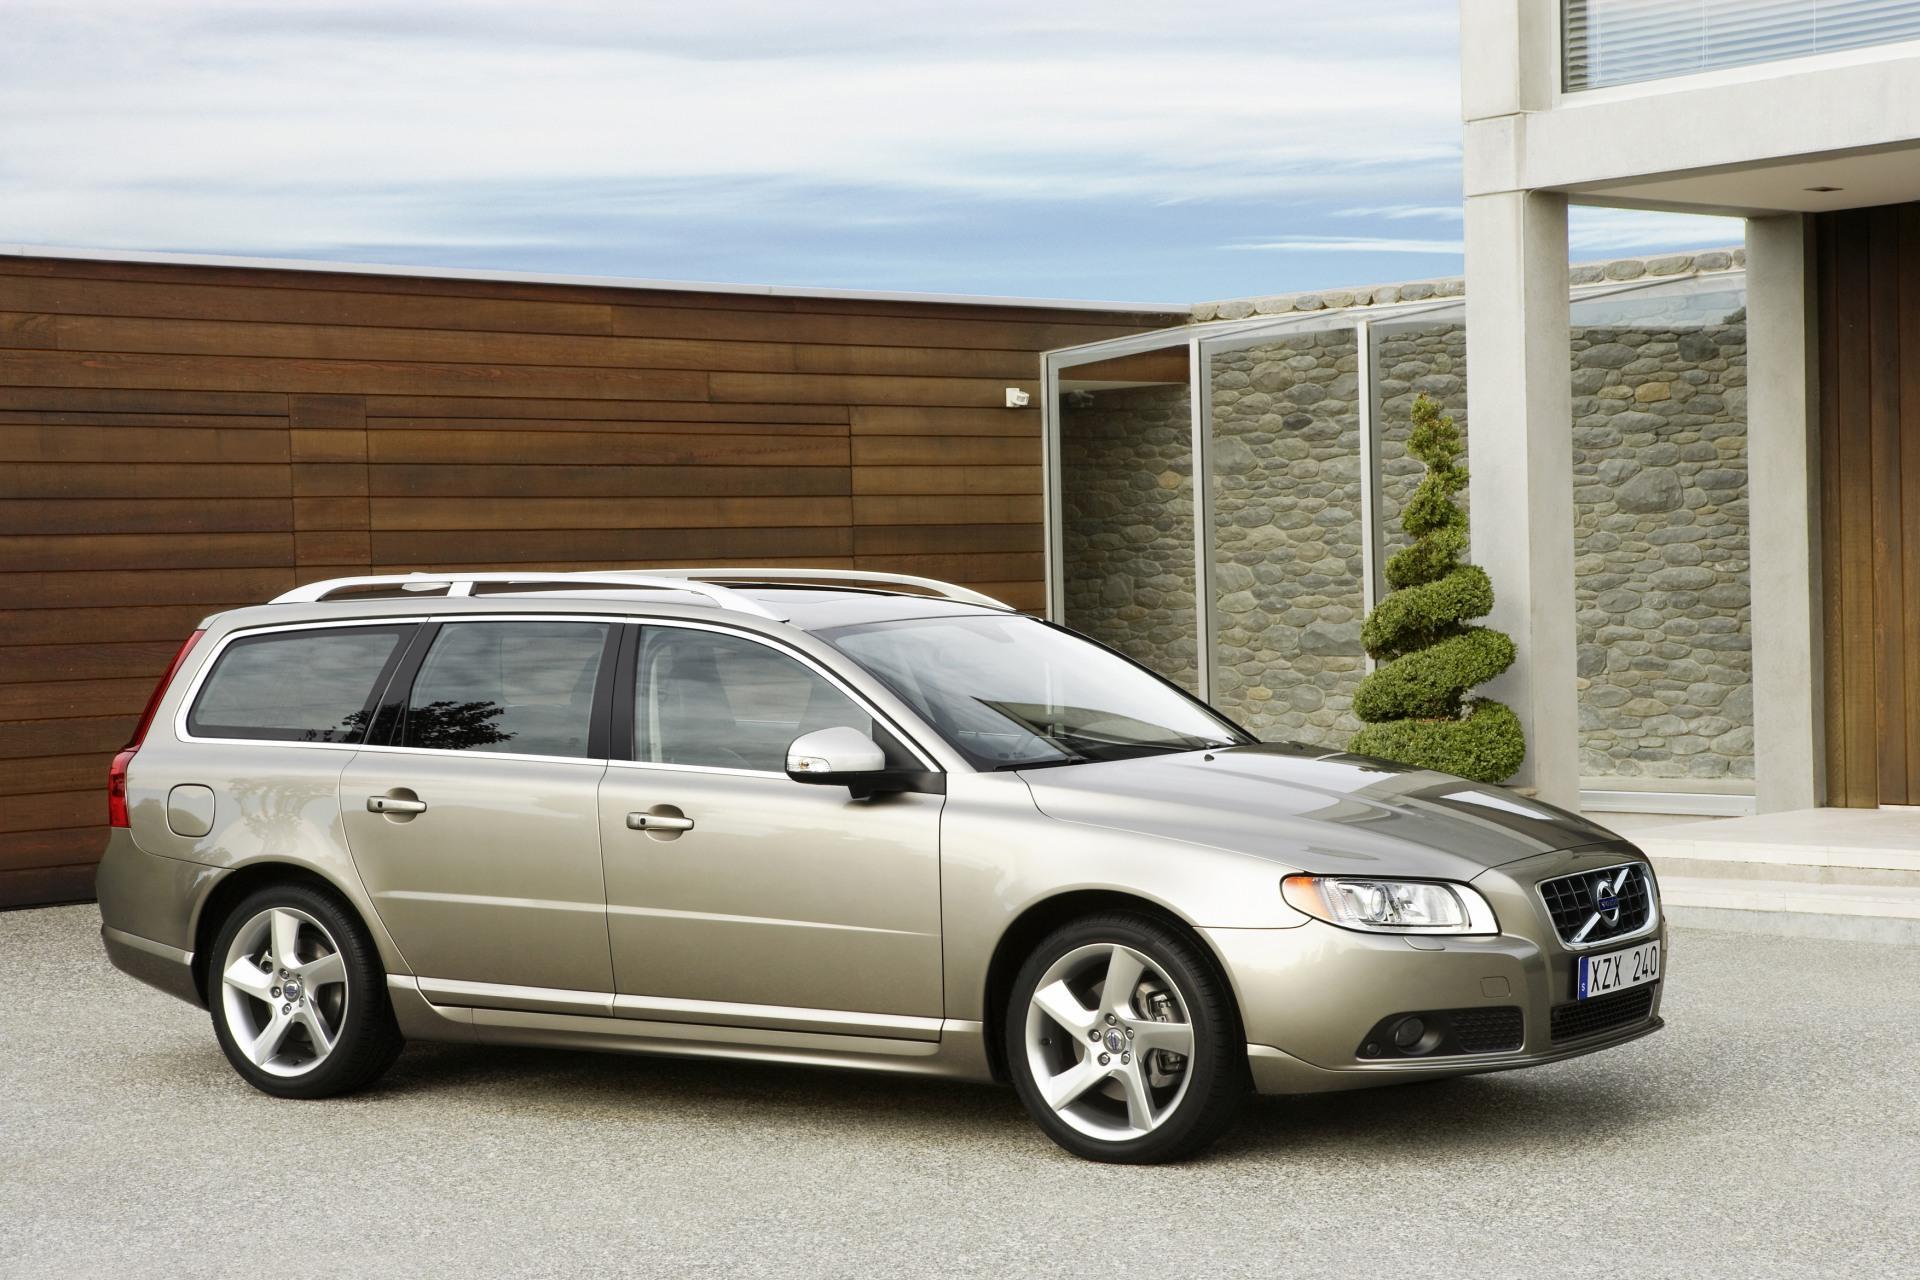 2011 Volvo V70 News and Information | conceptcarz.com